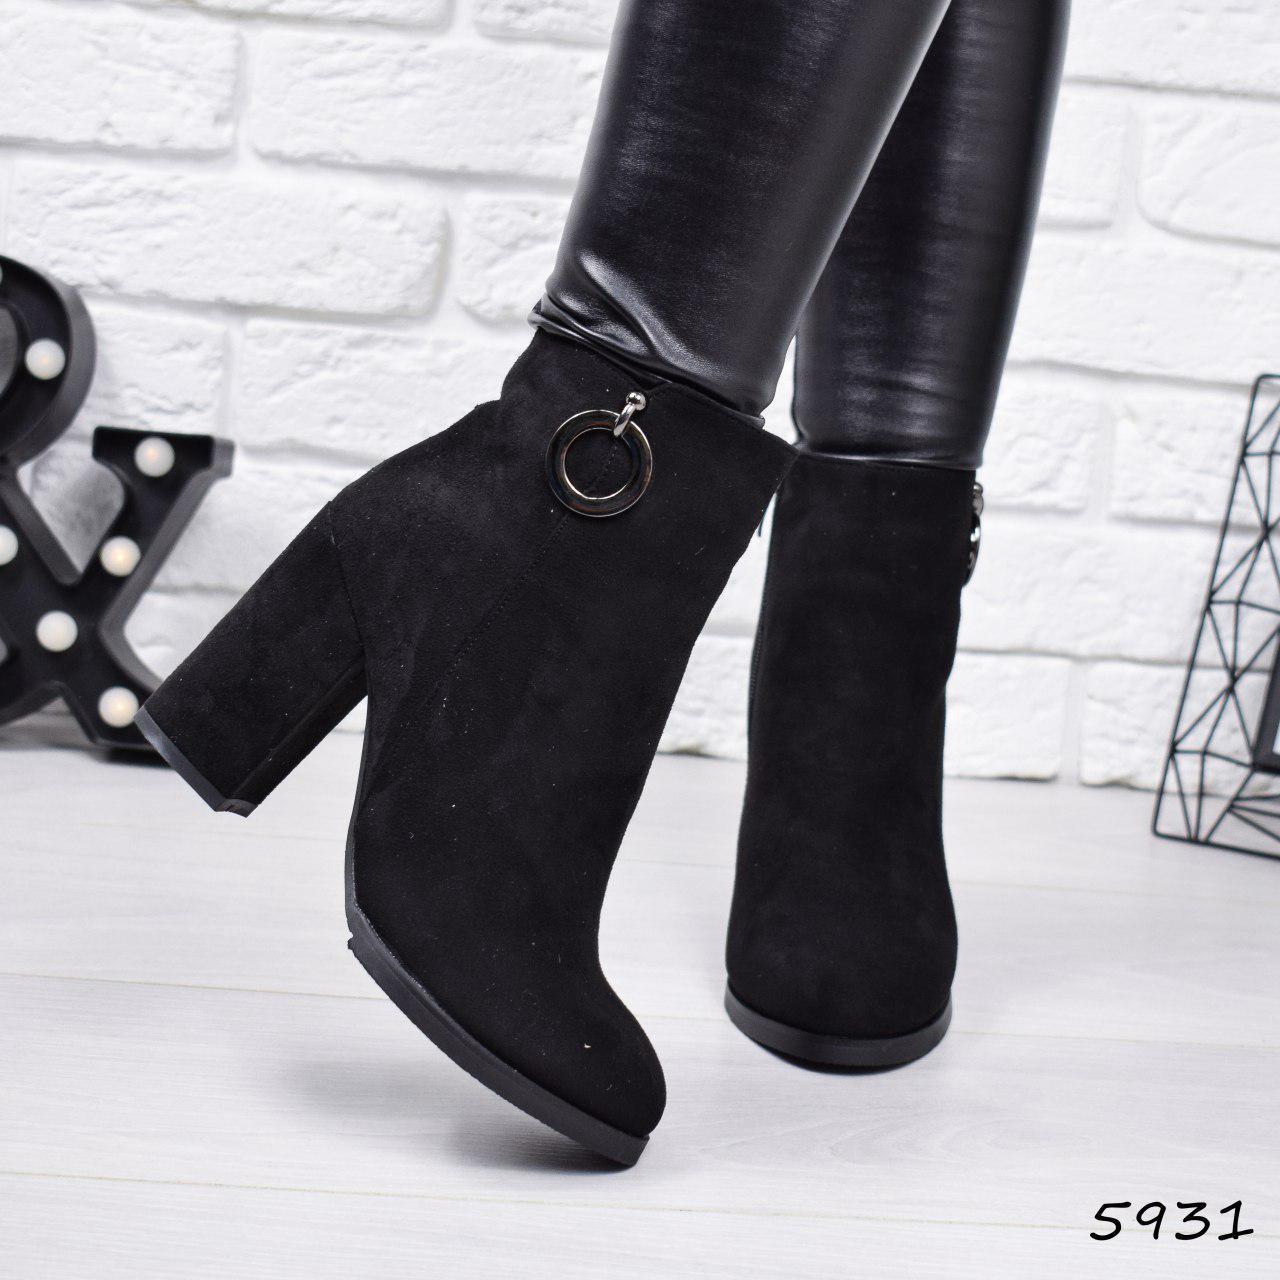 """Ботильоны на каблуке, черные ЗИМА """"Beuby"""" эко замша, повседневная, теплая, женская обувь"""